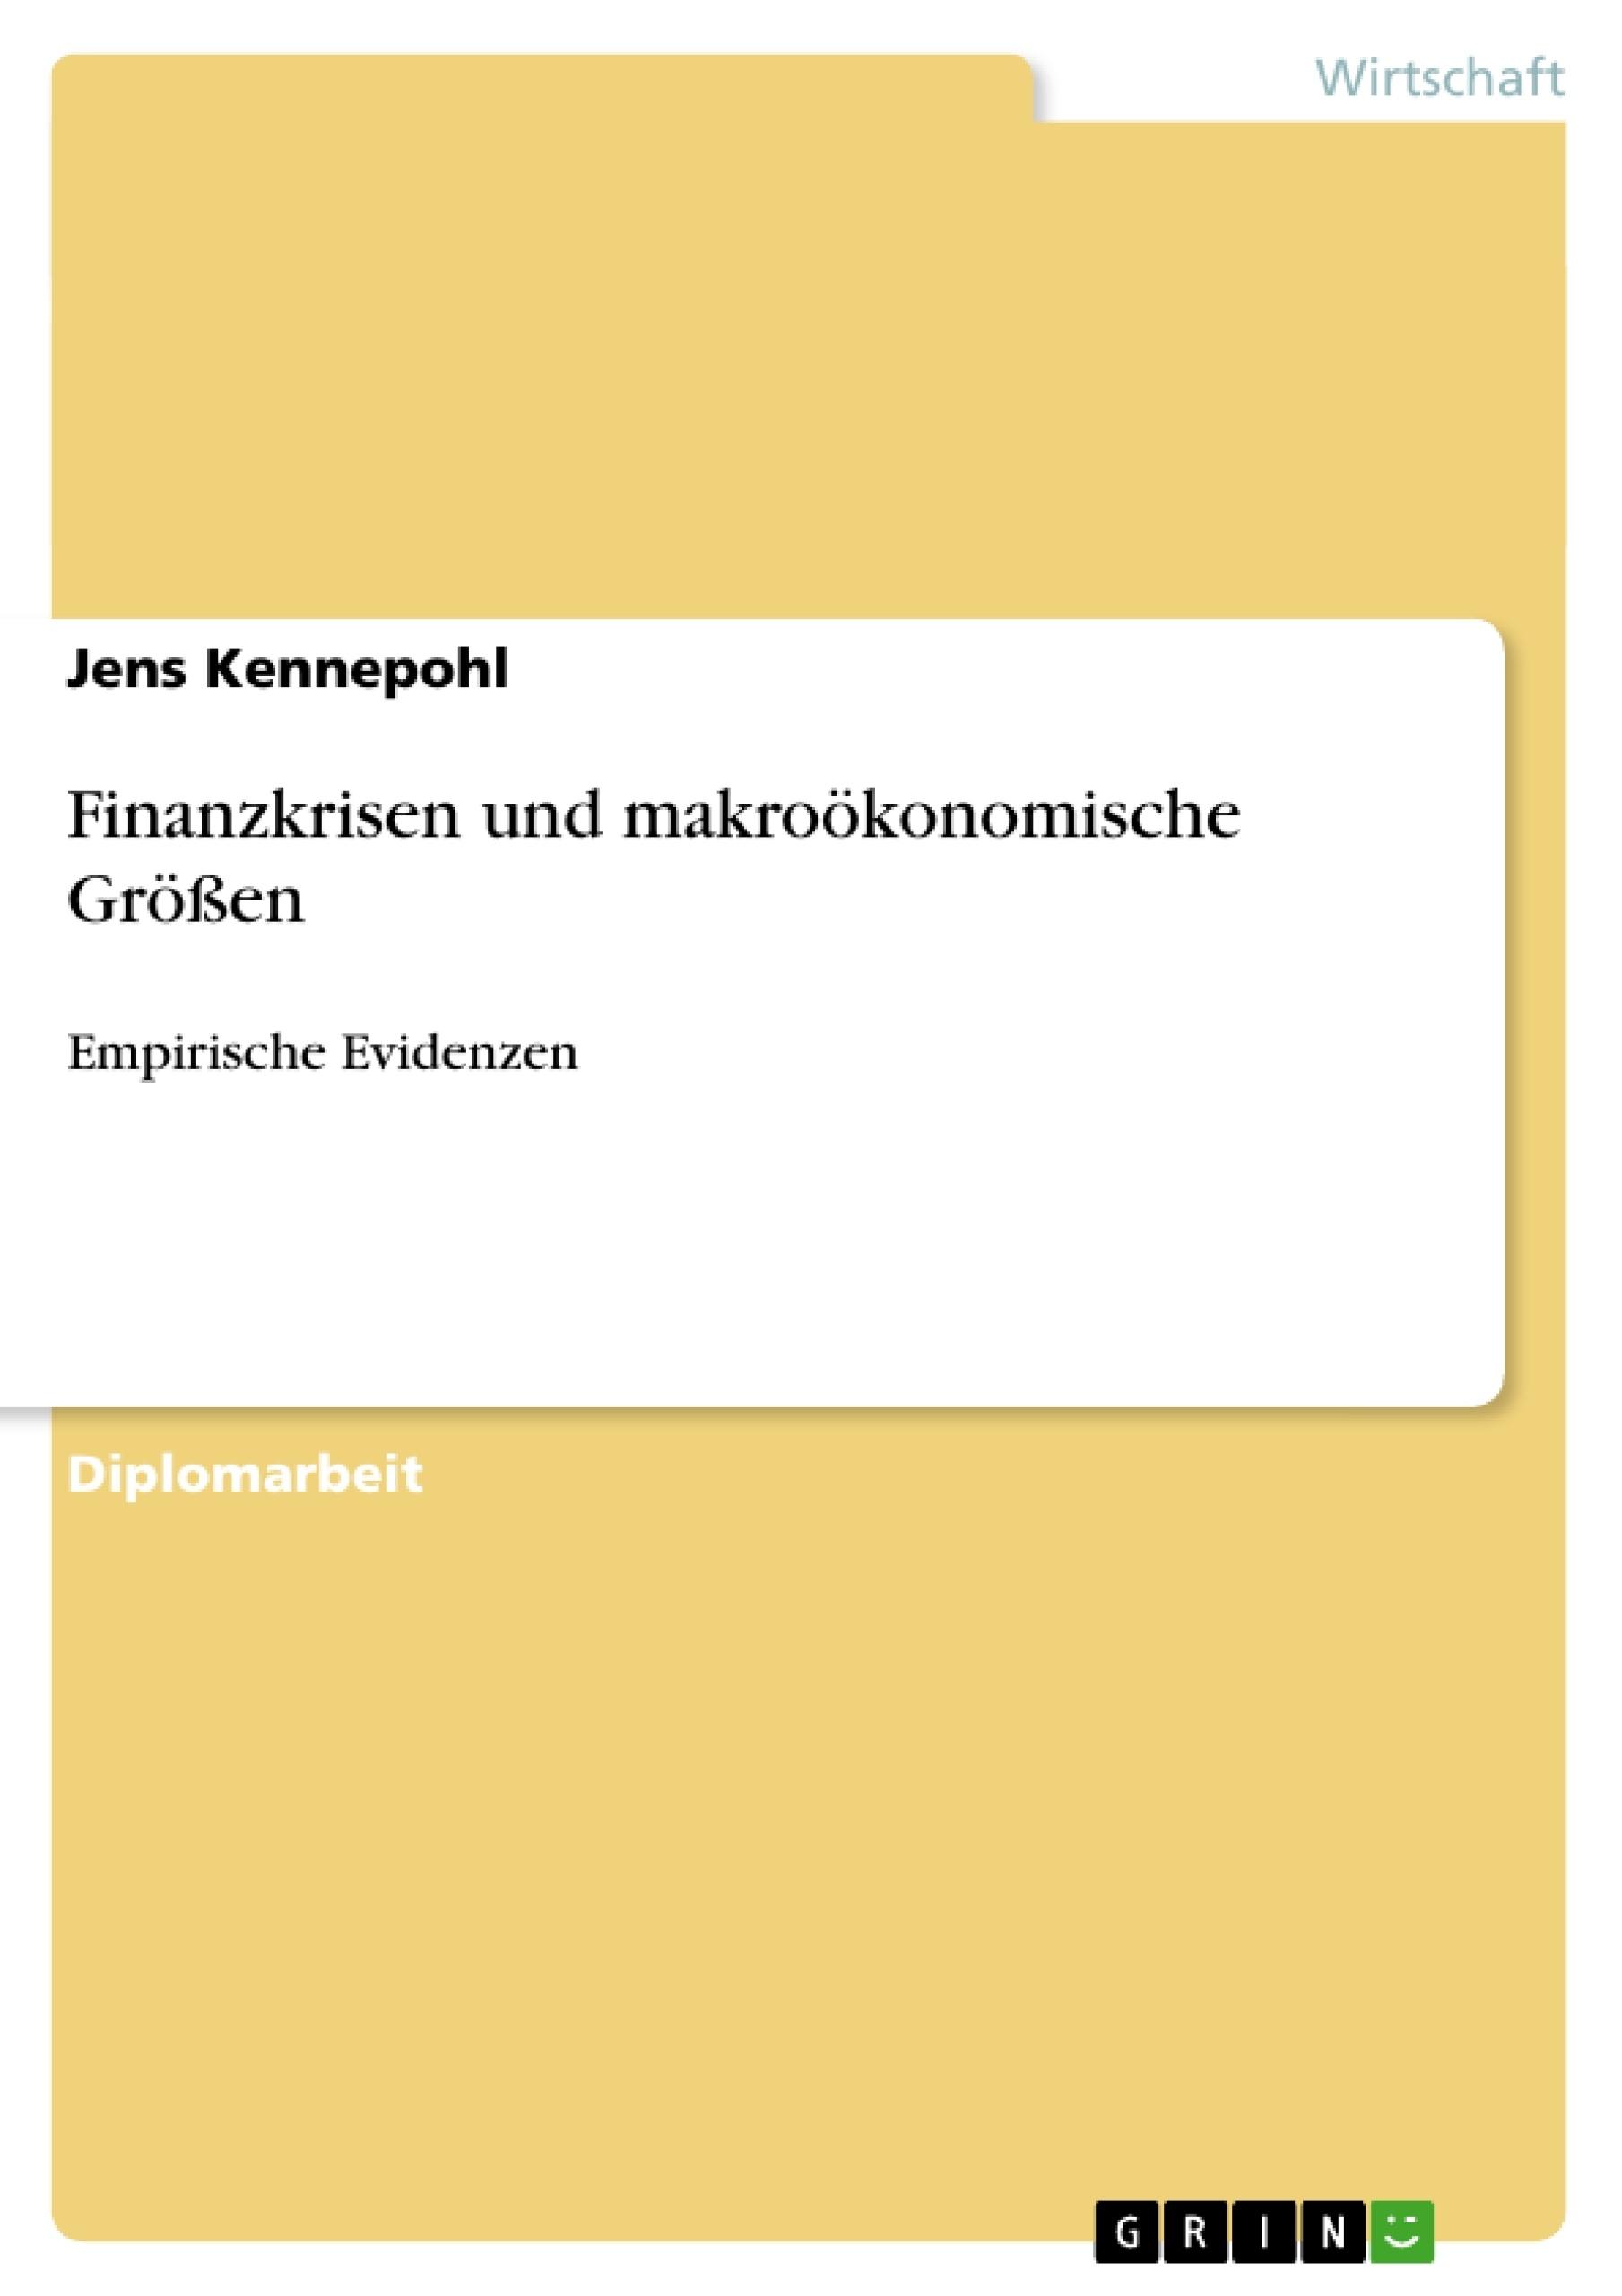 Titel: Finanzkrisen und makroökonomische Größen